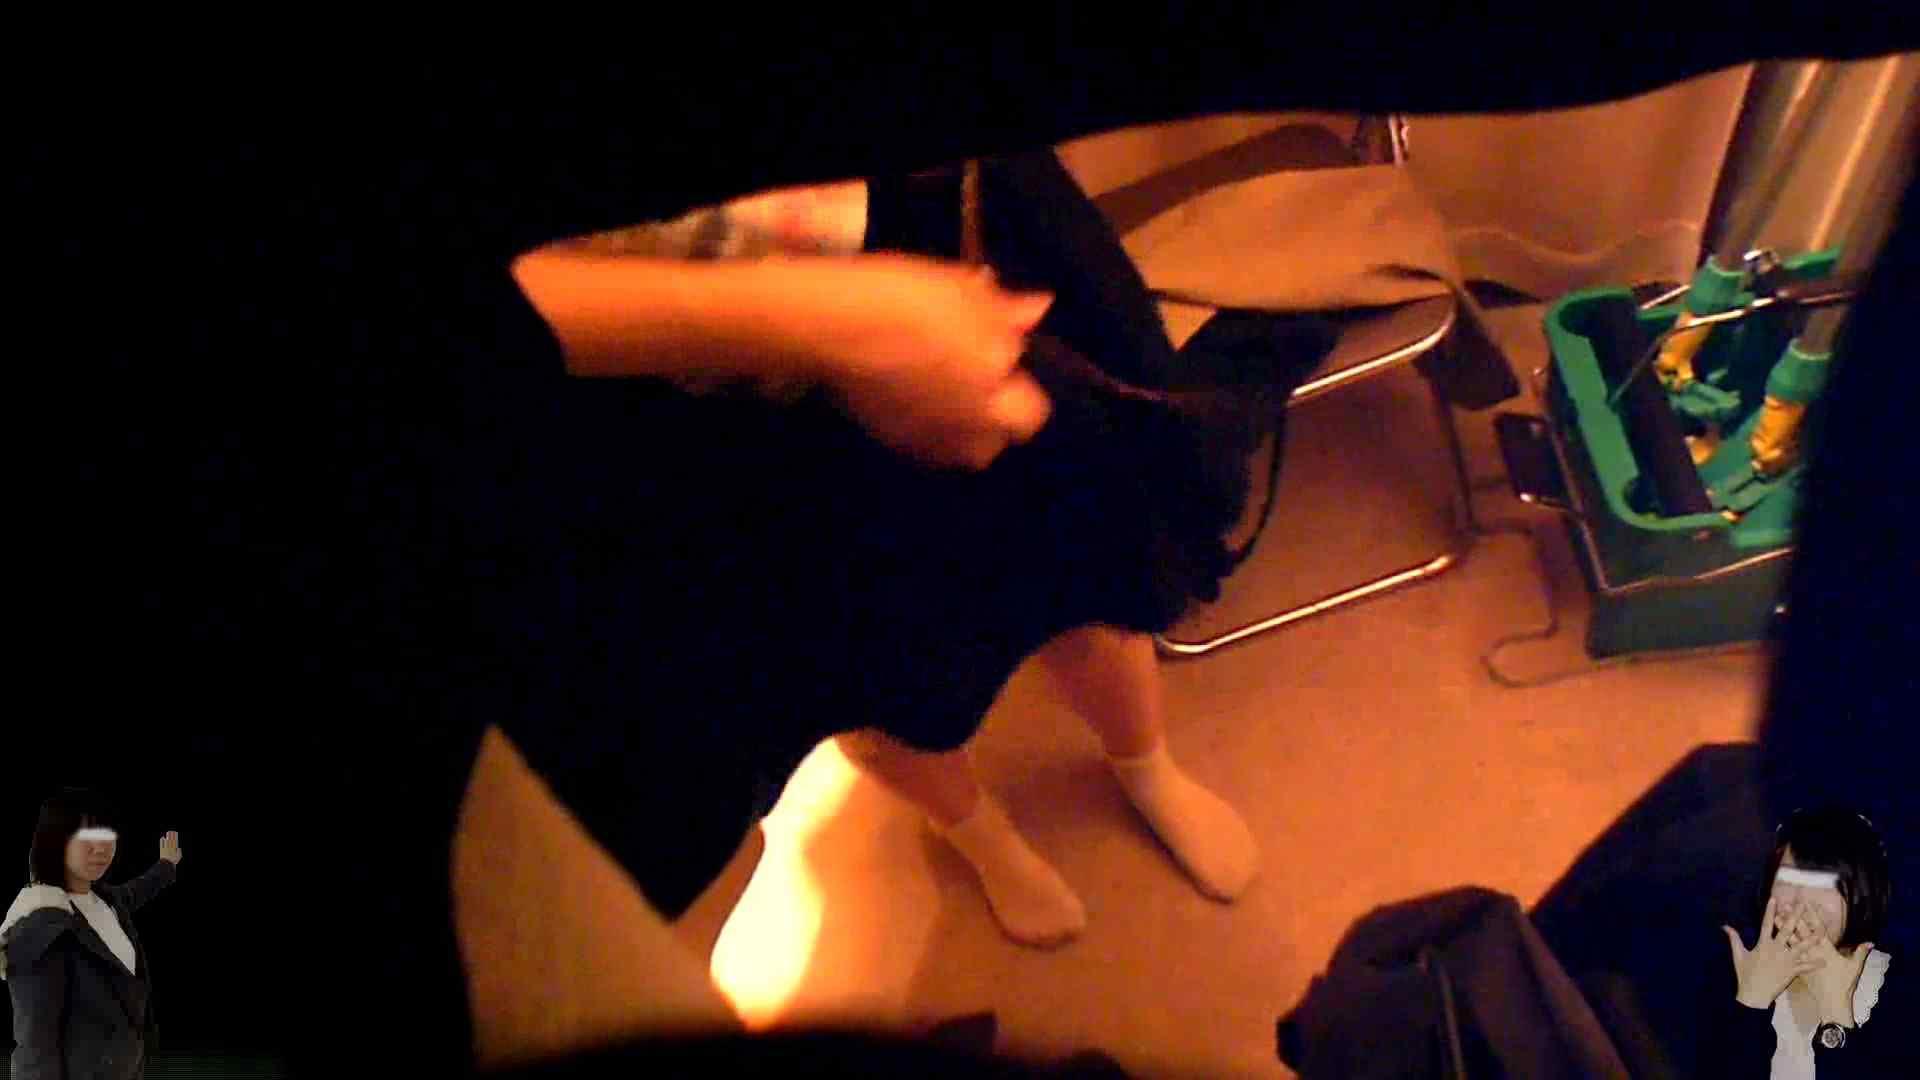 素人投稿 現役「JD」Eちゃんの着替え Vol.04 女子着替え | 投稿  65pic 42